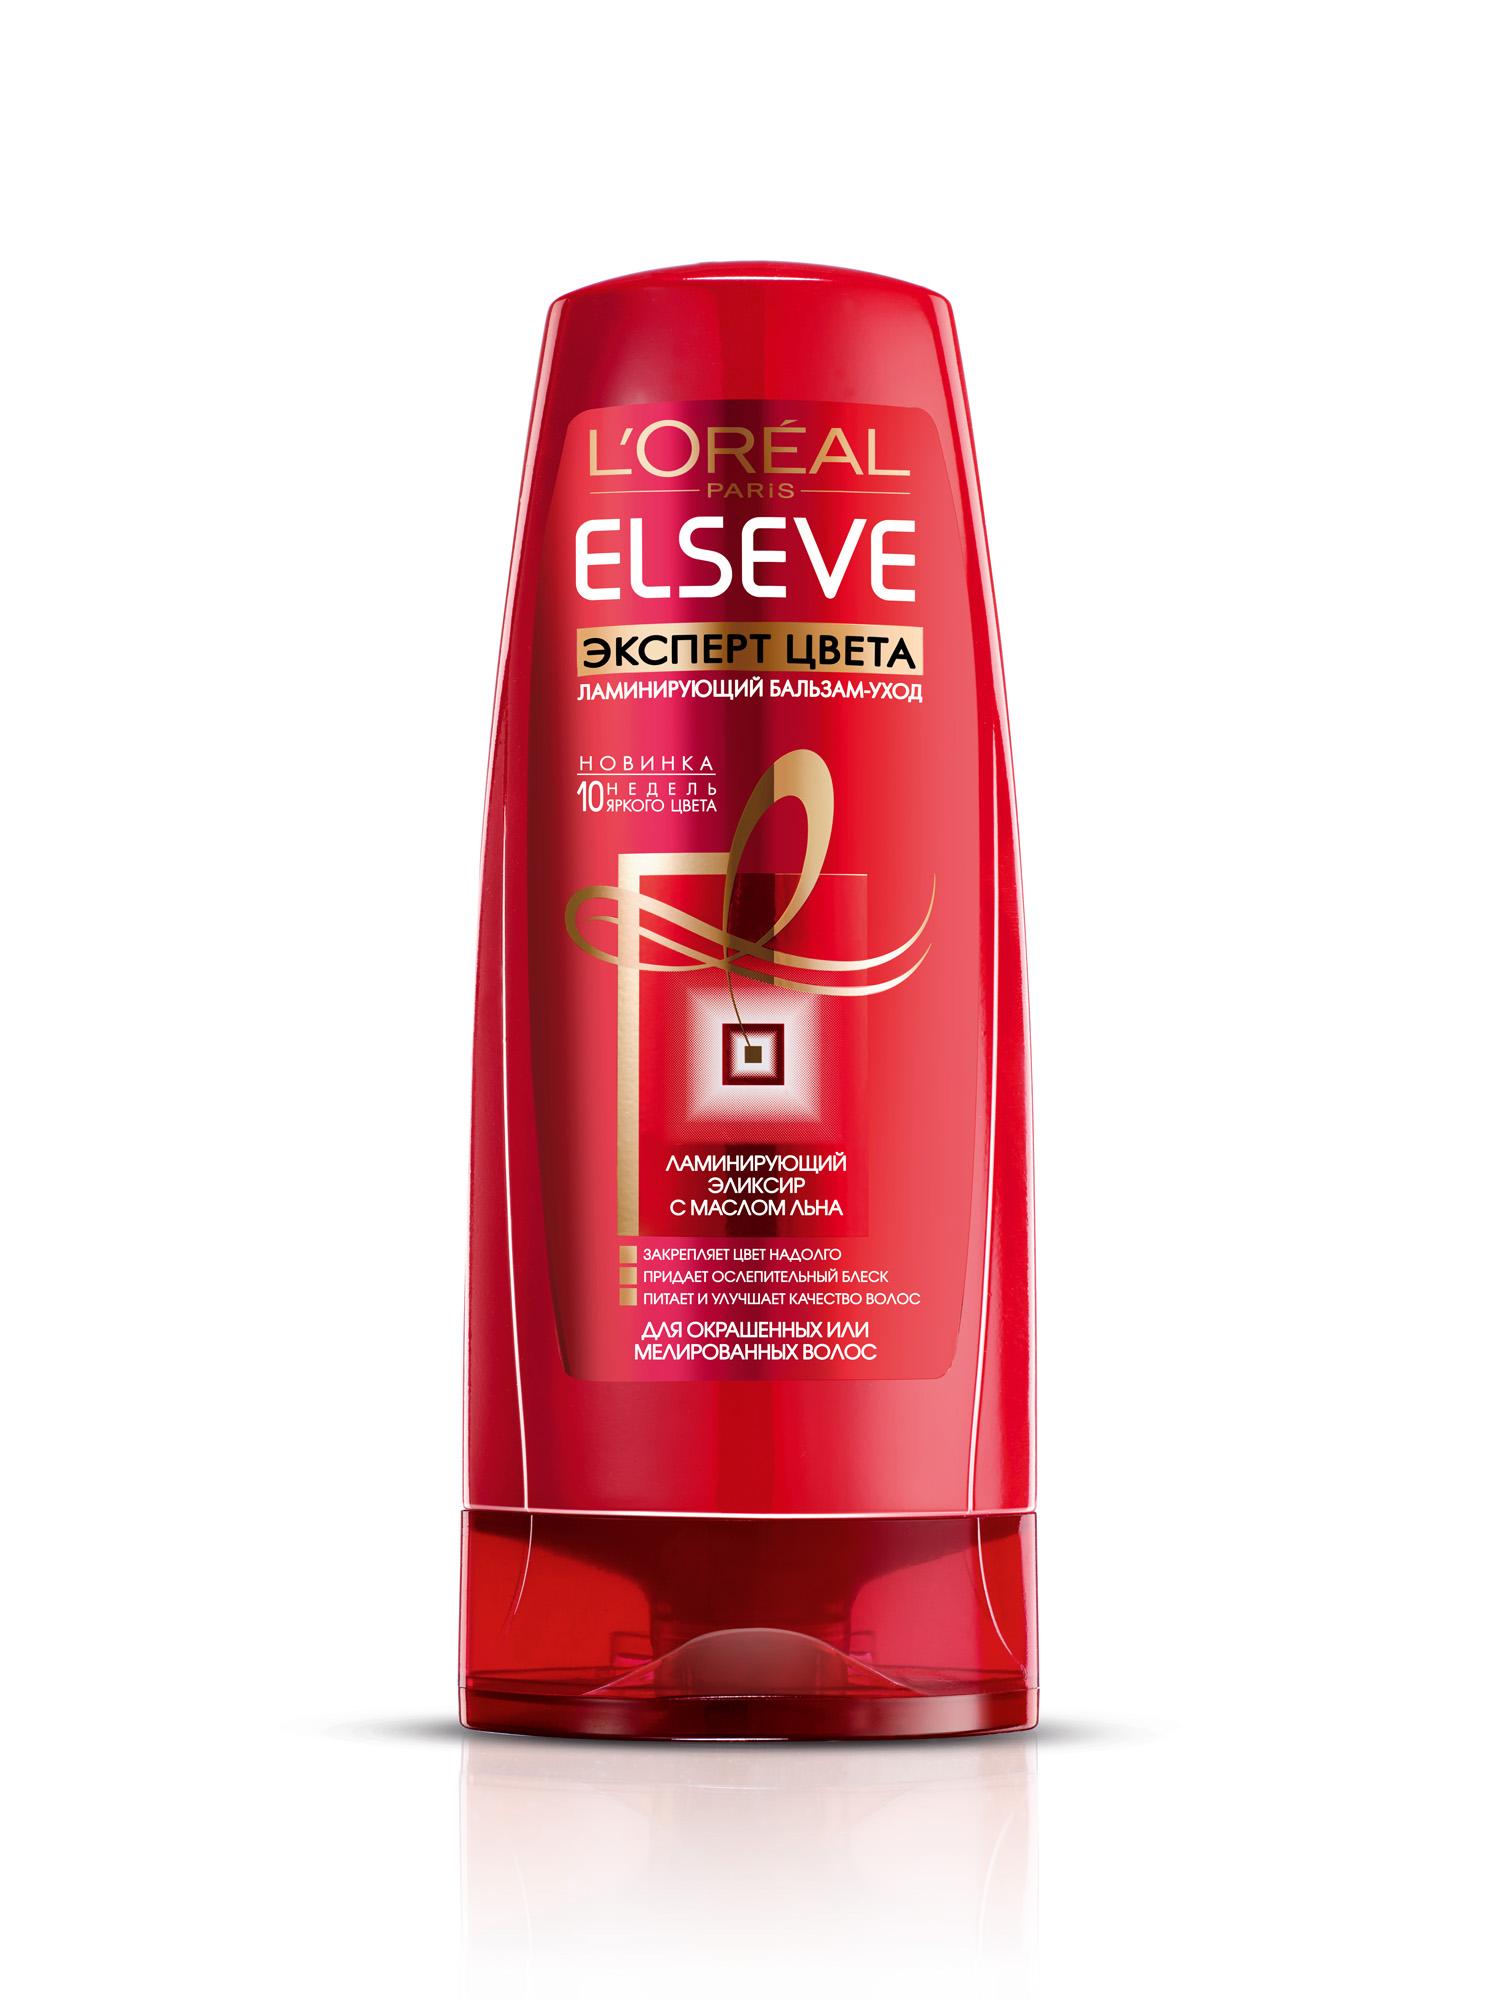 LOreal Paris Ламинирующий бальзам-уход Elseve, Эксперт Цвета, для окрашенных или мелированных волос, 200 млA9028528Окрашенные волосы склонны быстро терять цвет, тускнеть и становиться сухими. Поэтому им нужен особенный уход. Что если бы Вы смогли сохранить интенсивность цвета, шелковистость и сияние окрашенных волос надолго? Лаборатории LOreal создали 1-й ламинирующий бальзам-уход, который ухаживает и защищает волосы. Формула обогащена ламинирующим эликсиром с маслом льна и действует в 3 направлениях. 1. Закрепляет цвет надолго: создает защиту цвета волос от вымывания. 2. Придает ослепительный блеск: усиливает естественный блеск, наполняя волосы сияющими переливами цвета. 3. Питает и улучшает качество волос: обеспечивает интенсивное питание, волосы становятся эластичными, мягкими и гладкими. Эффект ламинирования для 10 недель яркого цвета!